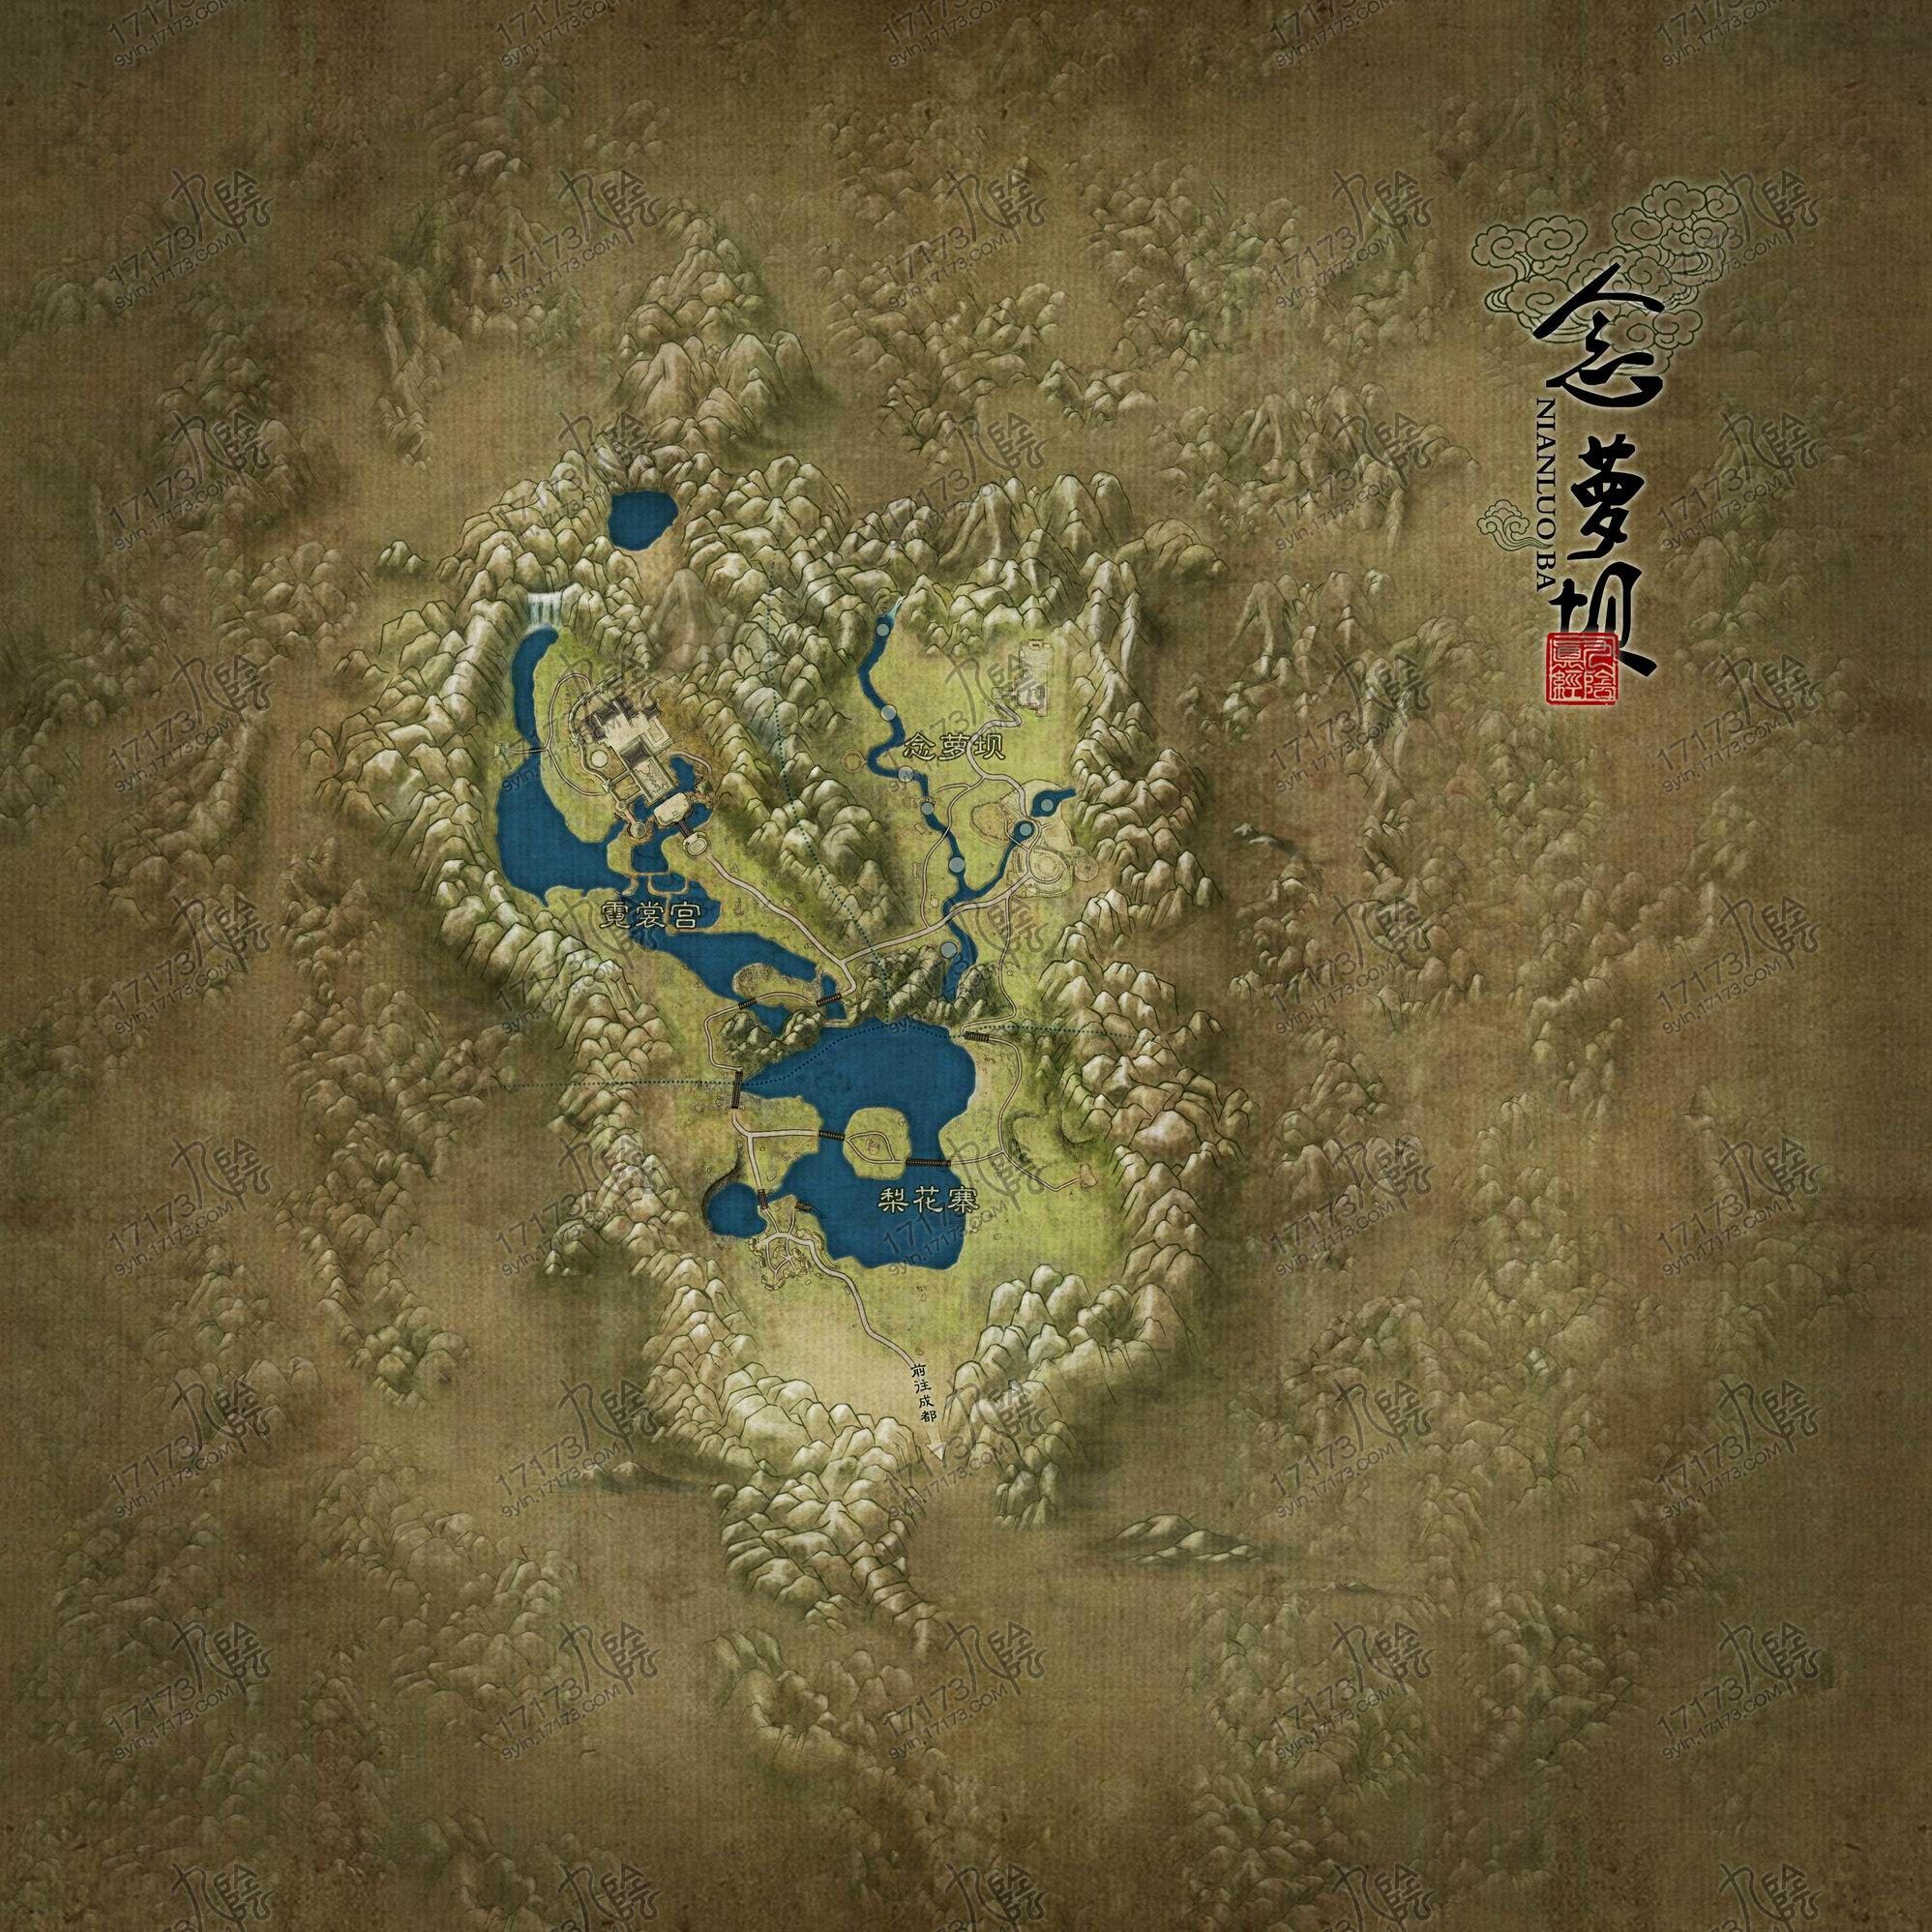 [九阴真经]世界地图场景规划总揽